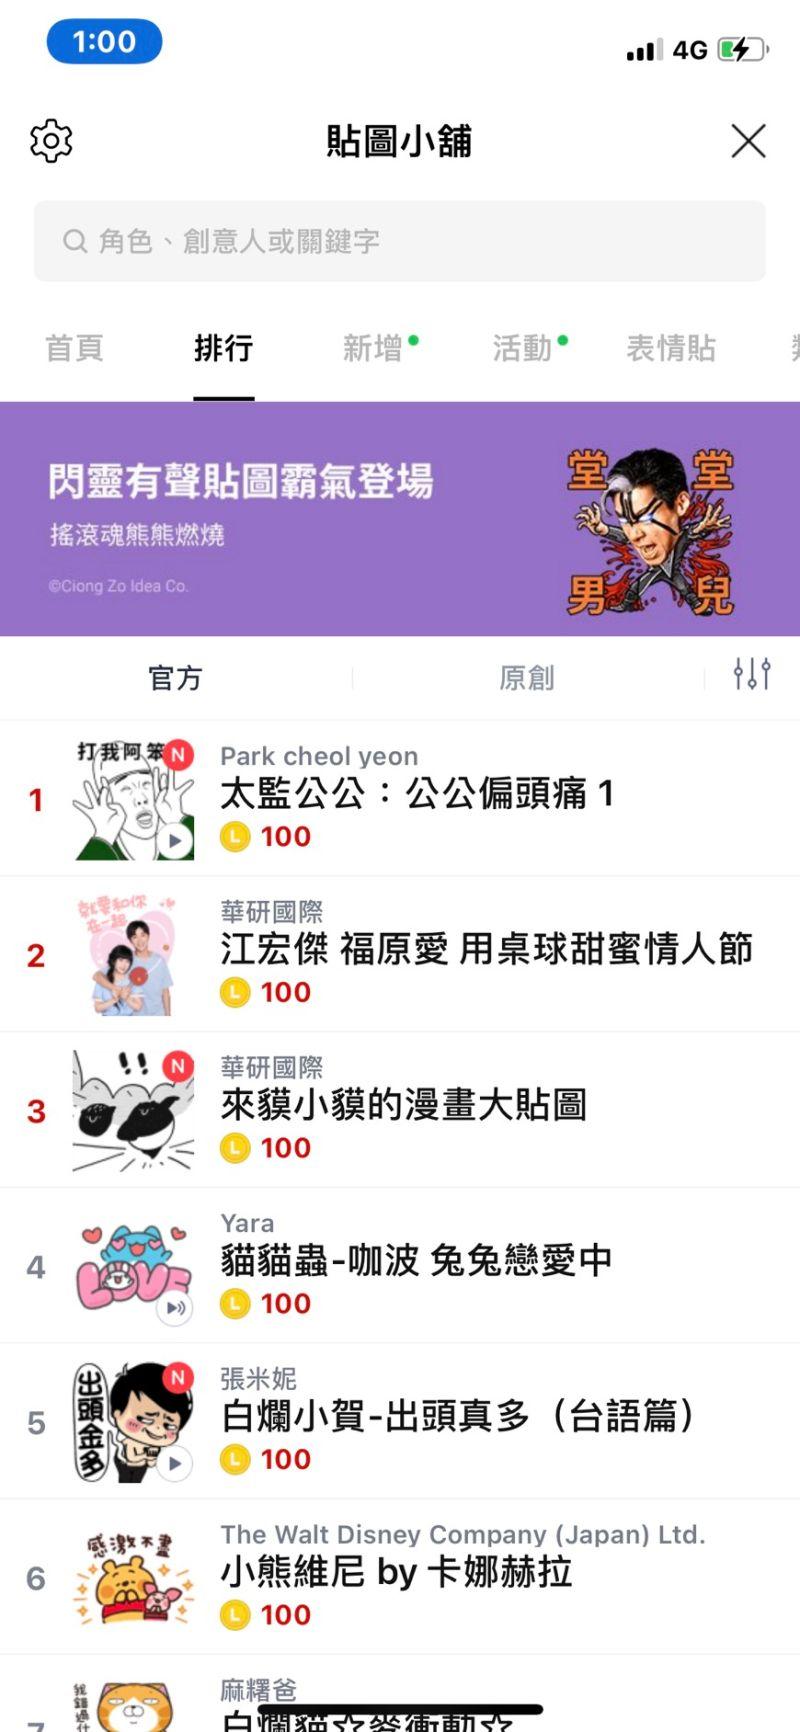 ▲江宏傑與福原愛確定要離婚後,貼圖衝上排行榜第二名(圖/翻攝Line貼圖)